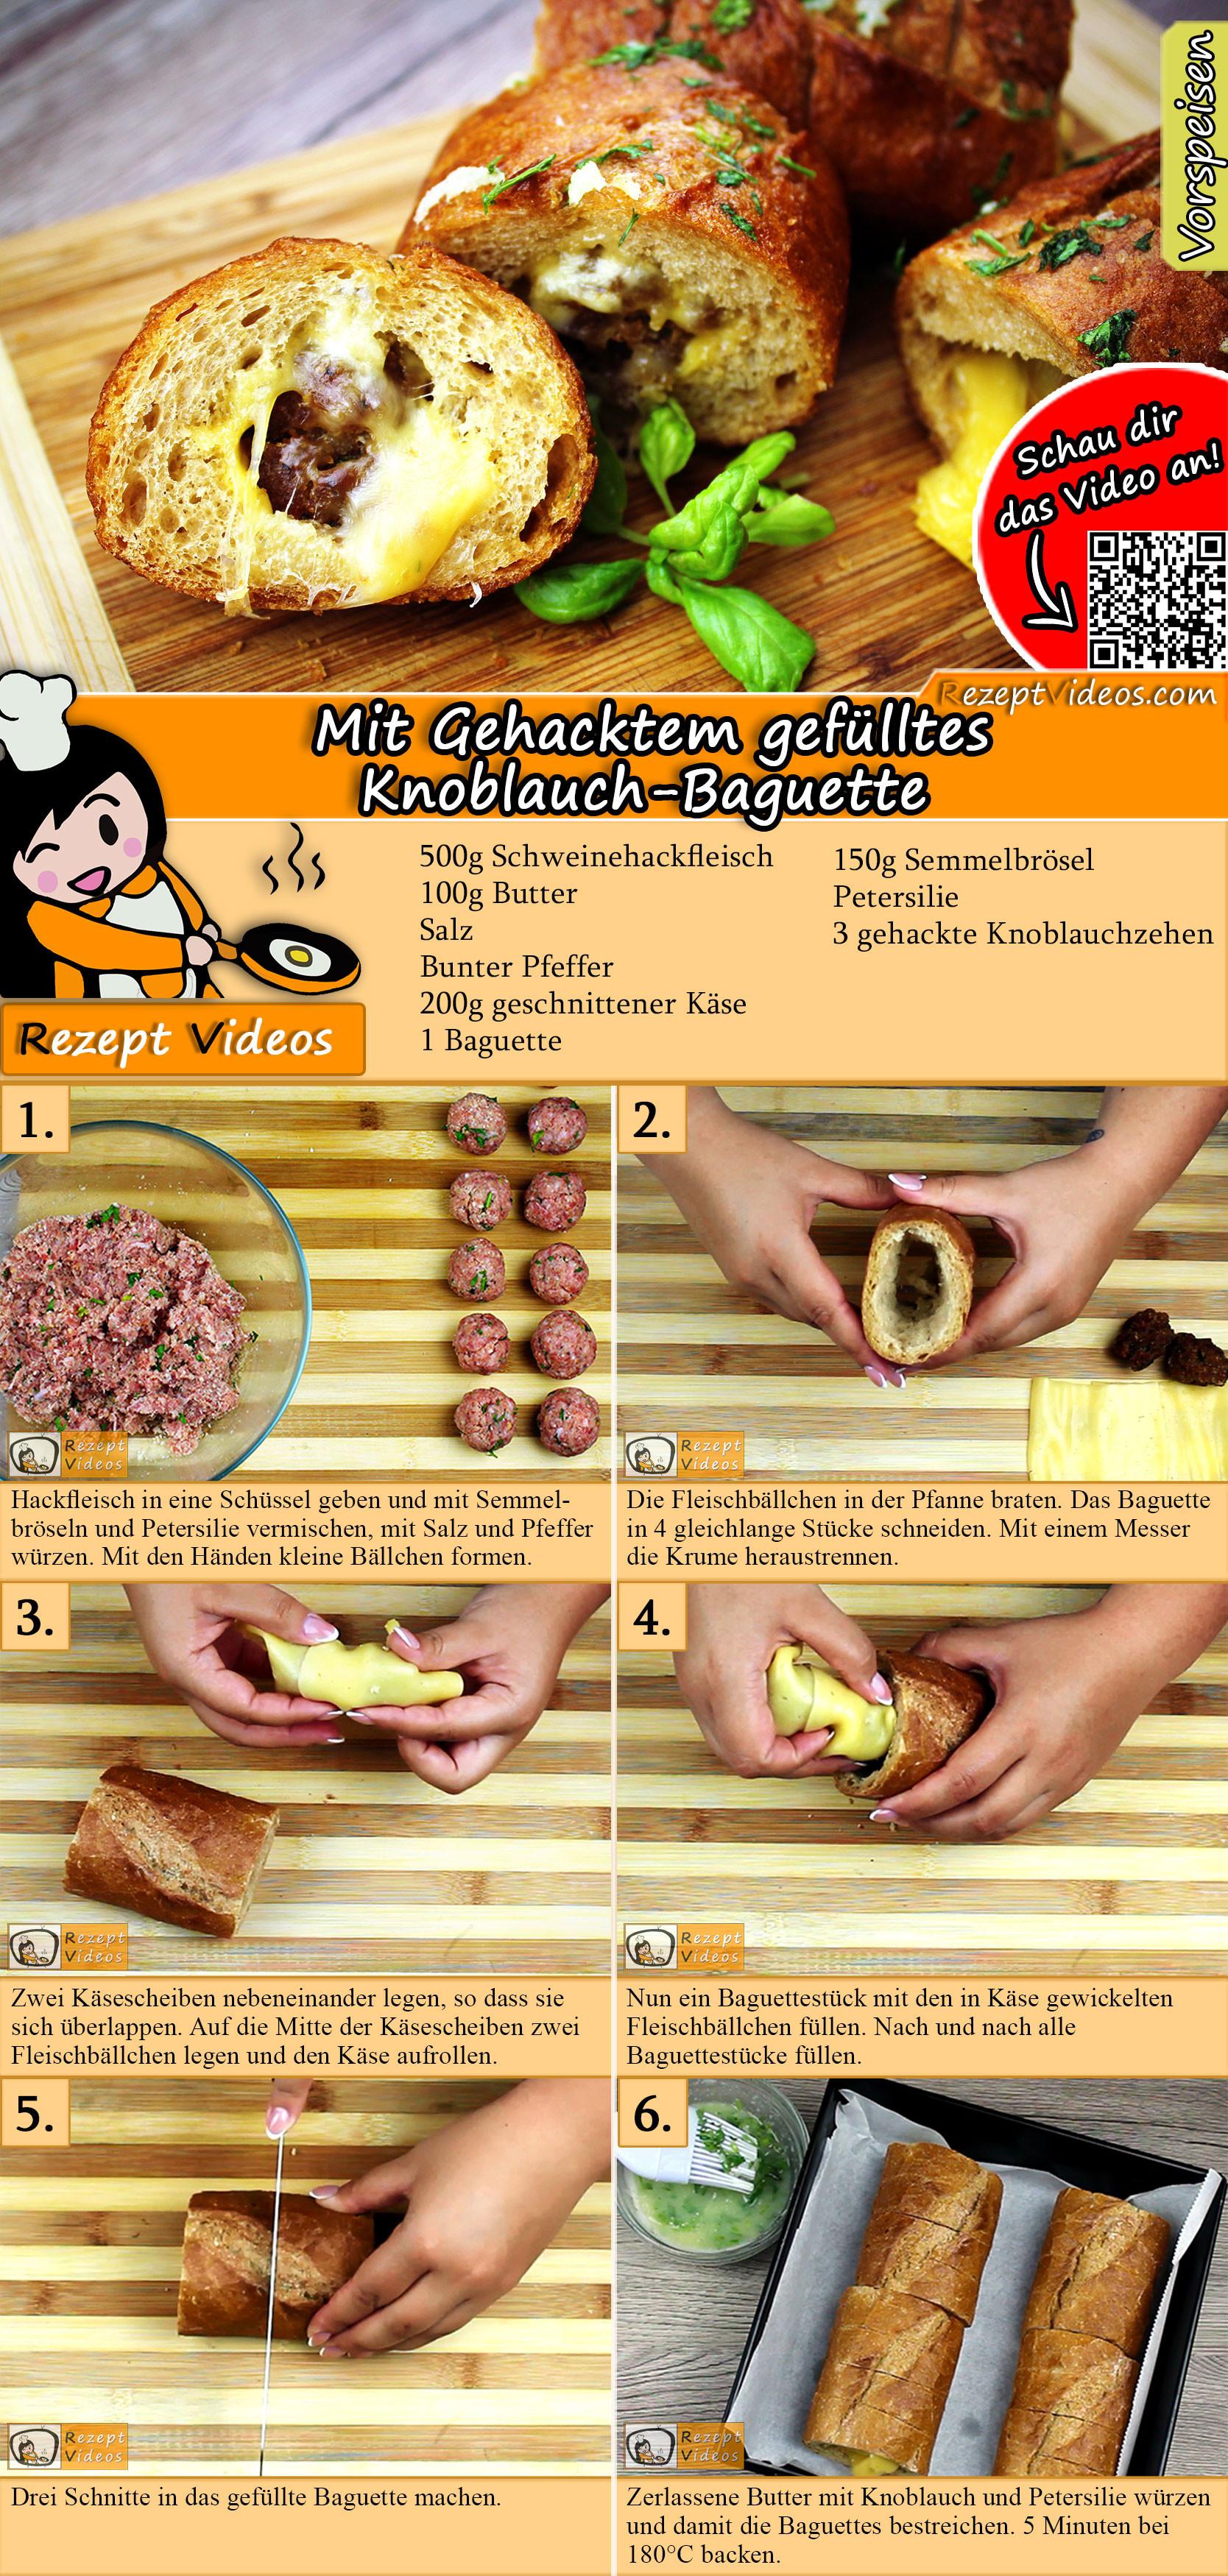 Mit Gehacktem gefülltes Knoblauch-Baguette Rezept mit Video